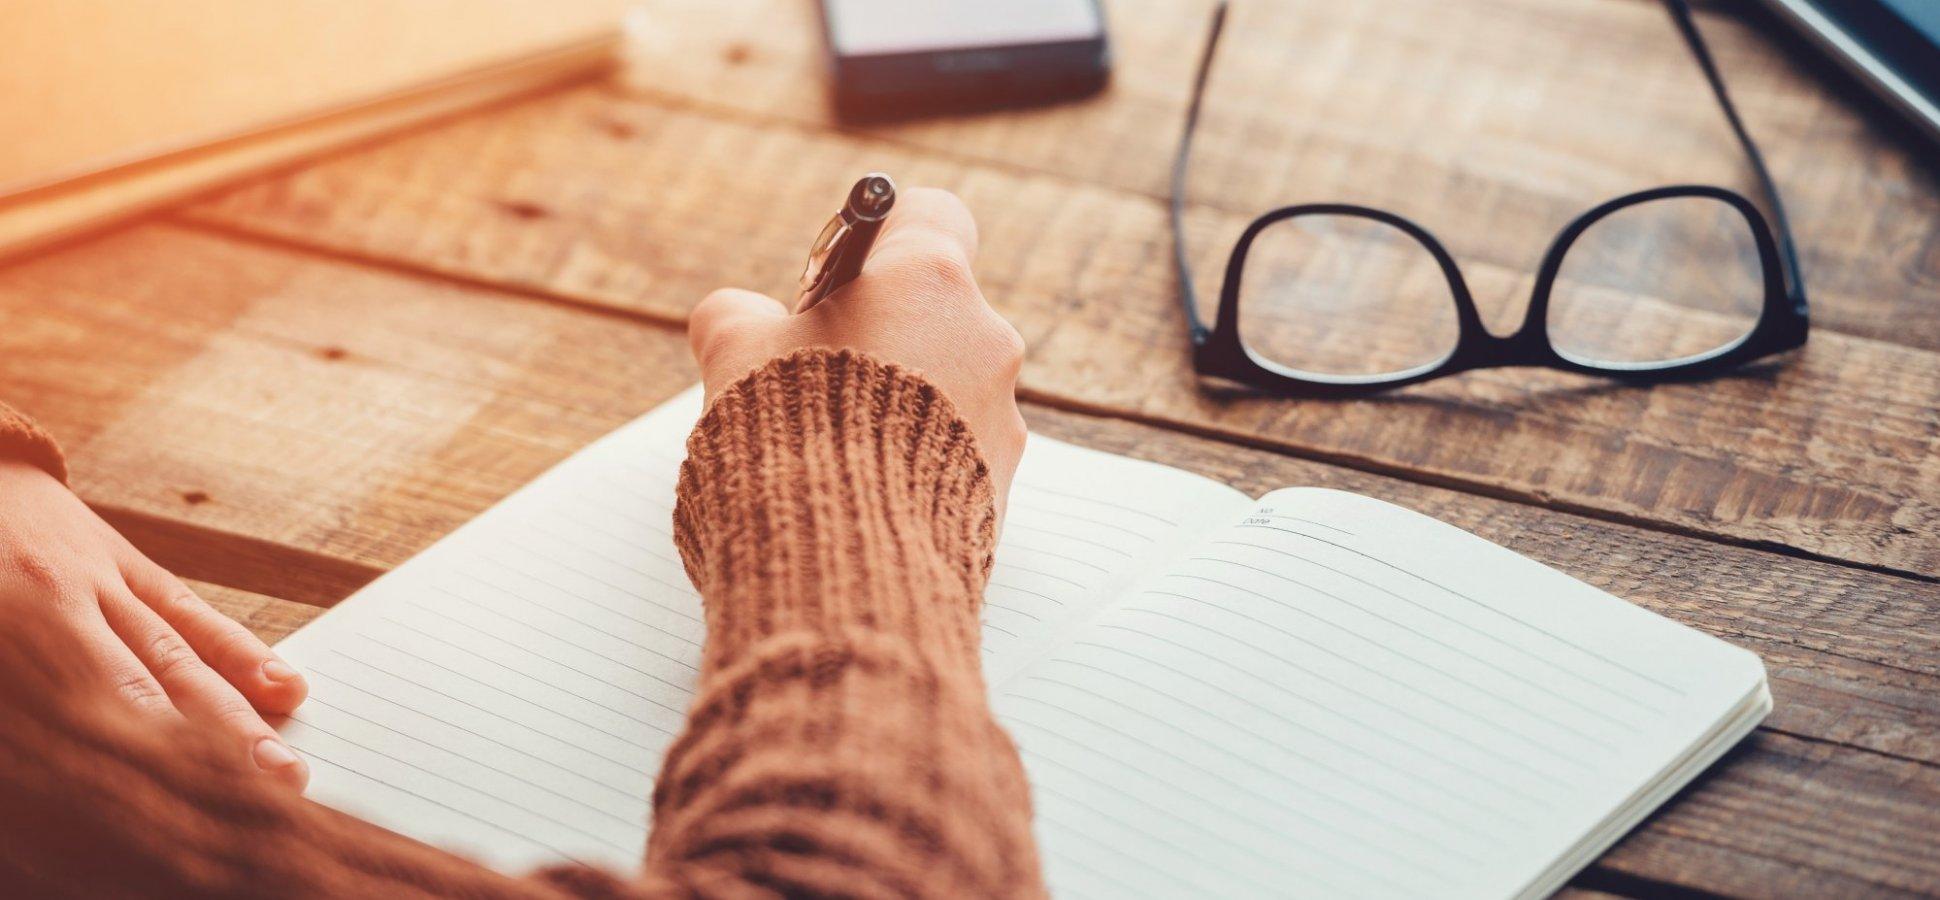 Why Every Entrepreneur Should Keep a Sleep Diary